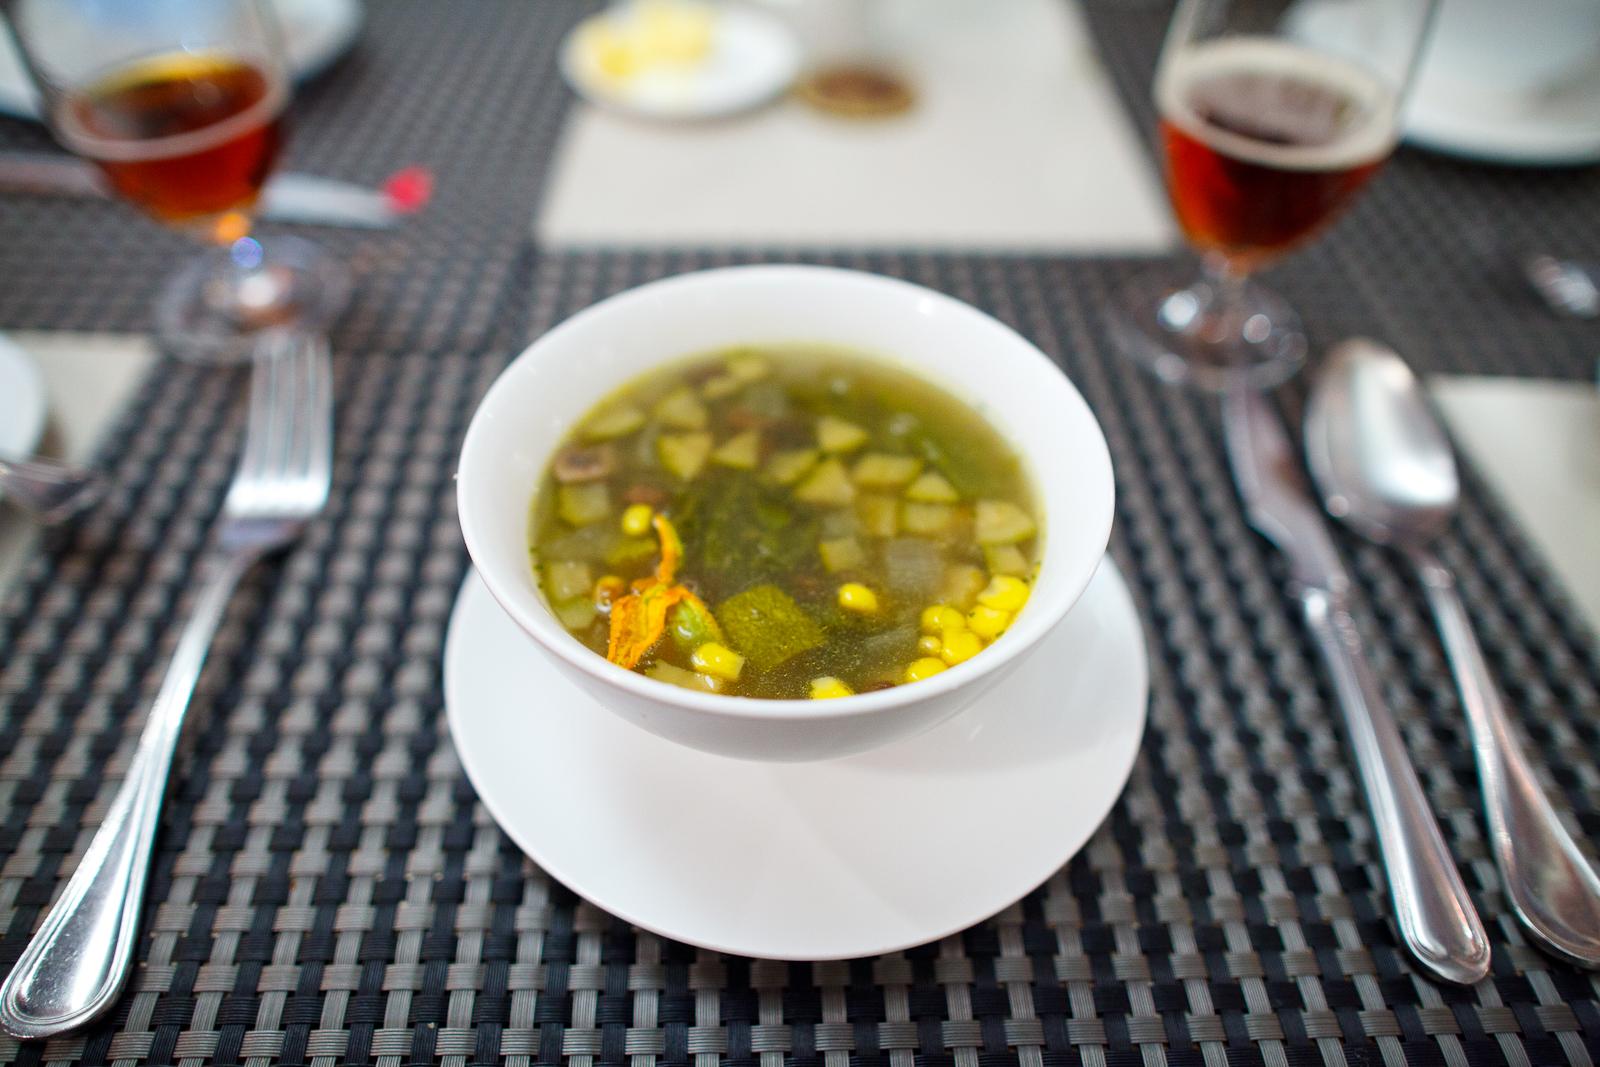 La sopa Poblana, flores de calabaza, granos de elote, rajas de chile poblano y hongos de la temporada (60 MXP)